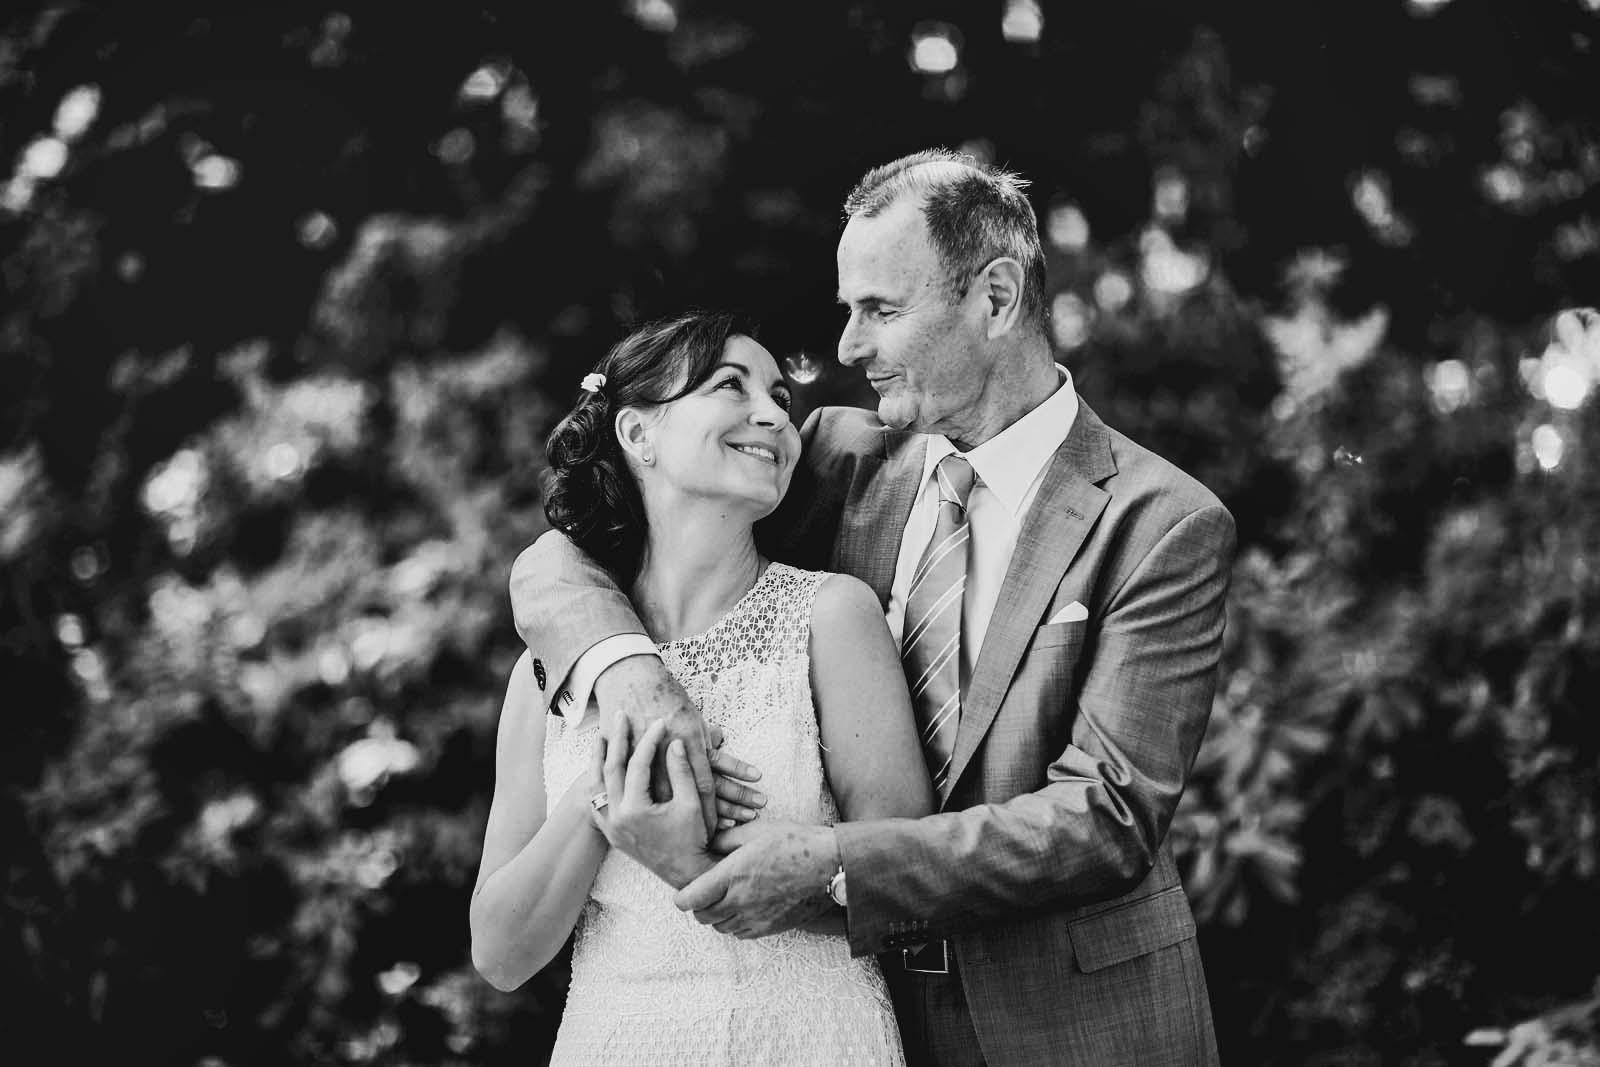 Brautpaar ist gluecklich beim Fotoshooting mit professionellem Hochzeitsfotograf Berlin Copyright by Hochzeitsfotograf www.berliner-hochzeitsfotografie.de